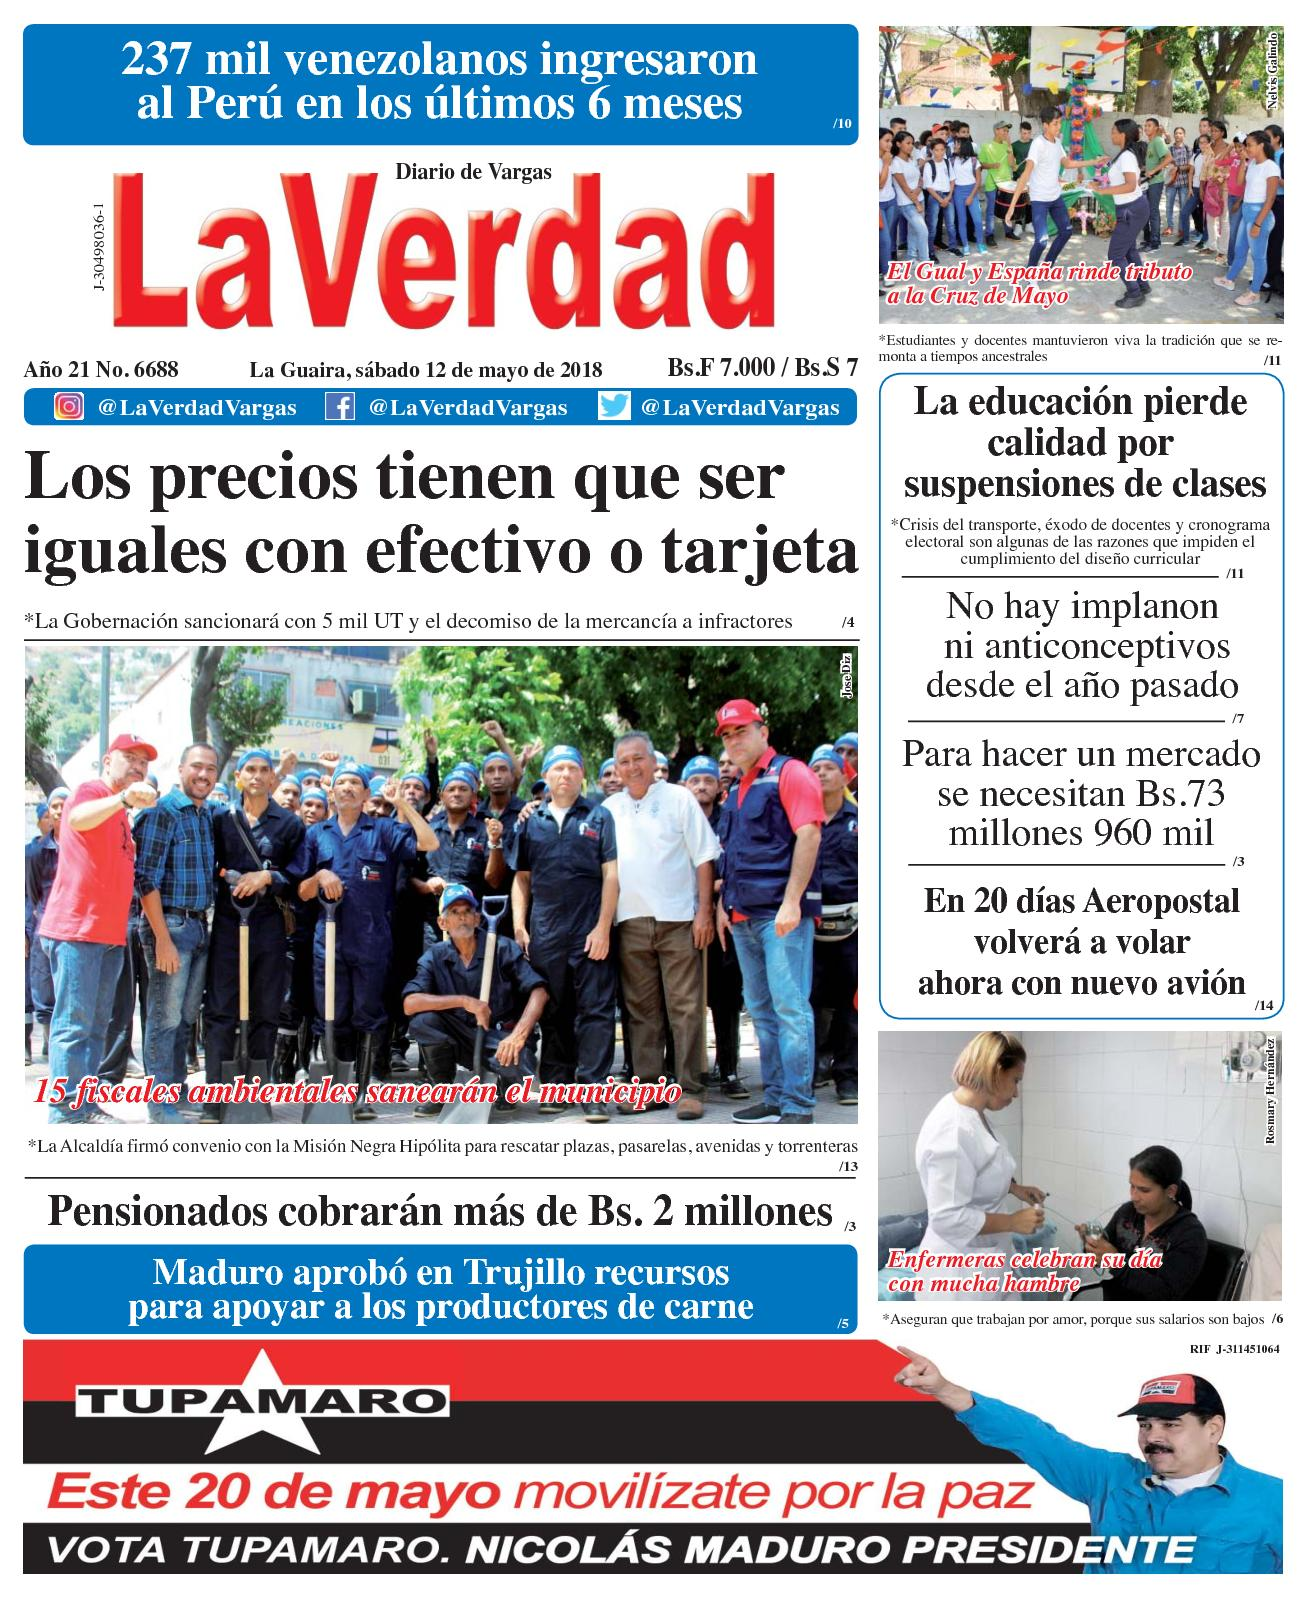 Calaméo - La Guaira, sábado 12 de mayo de 2018. Año 20 No 6688